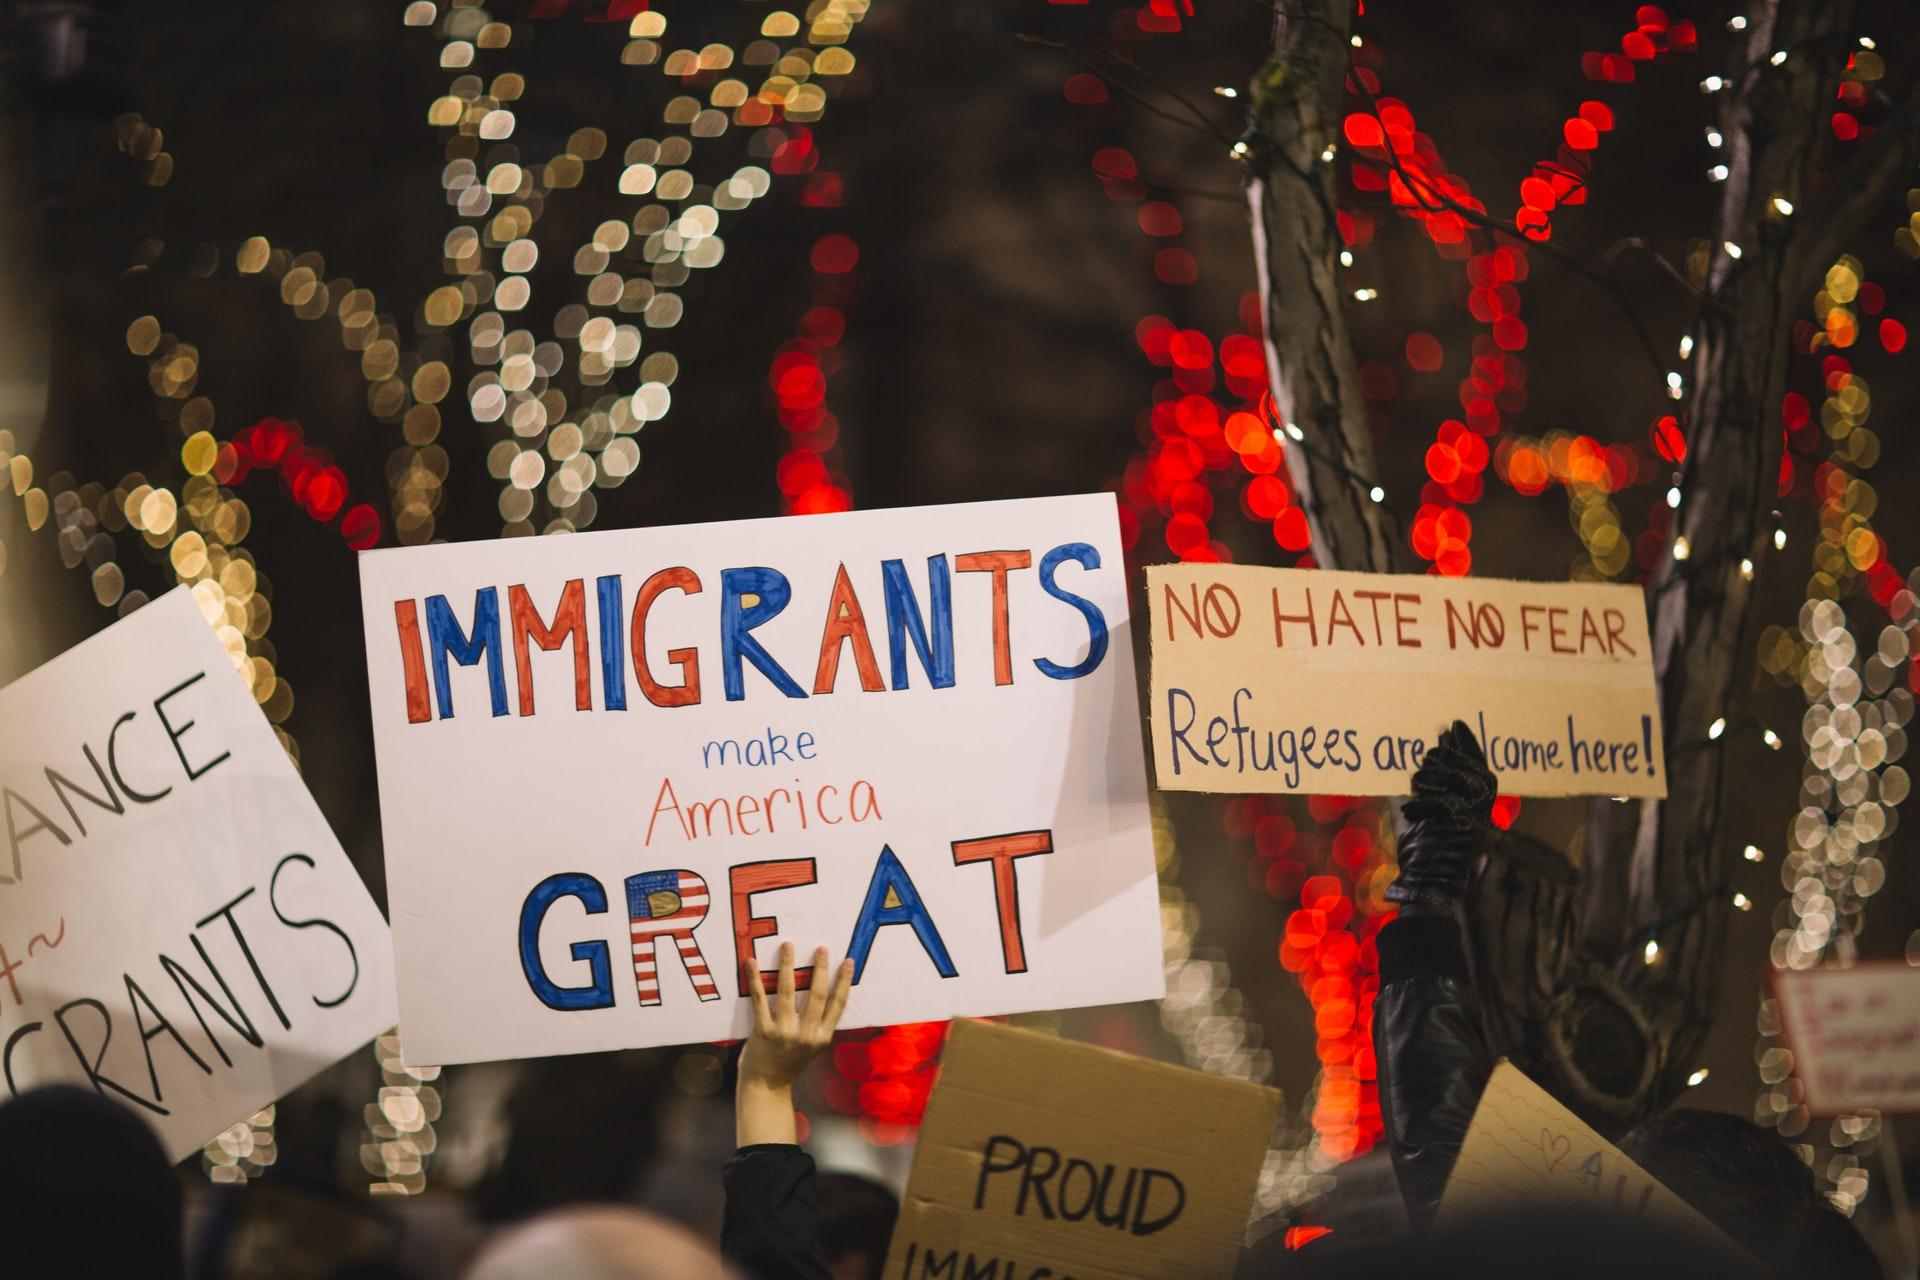 そもそも移民とはなんでしょうか?定義から理由まで